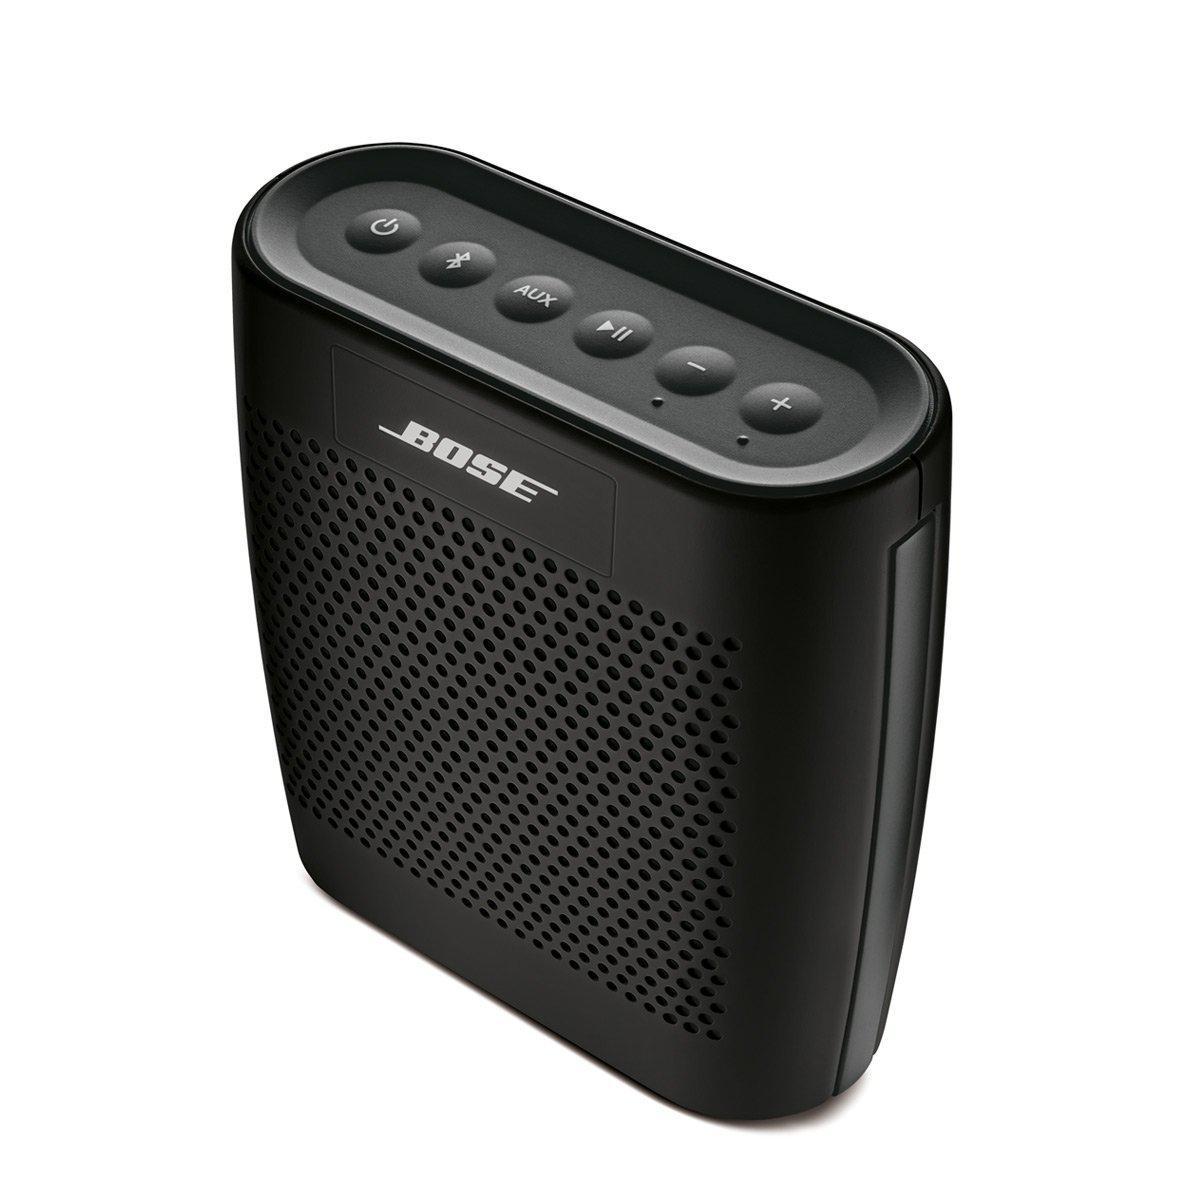 Enceinte sans fil Bose Soundlink Colour - Bluetooth